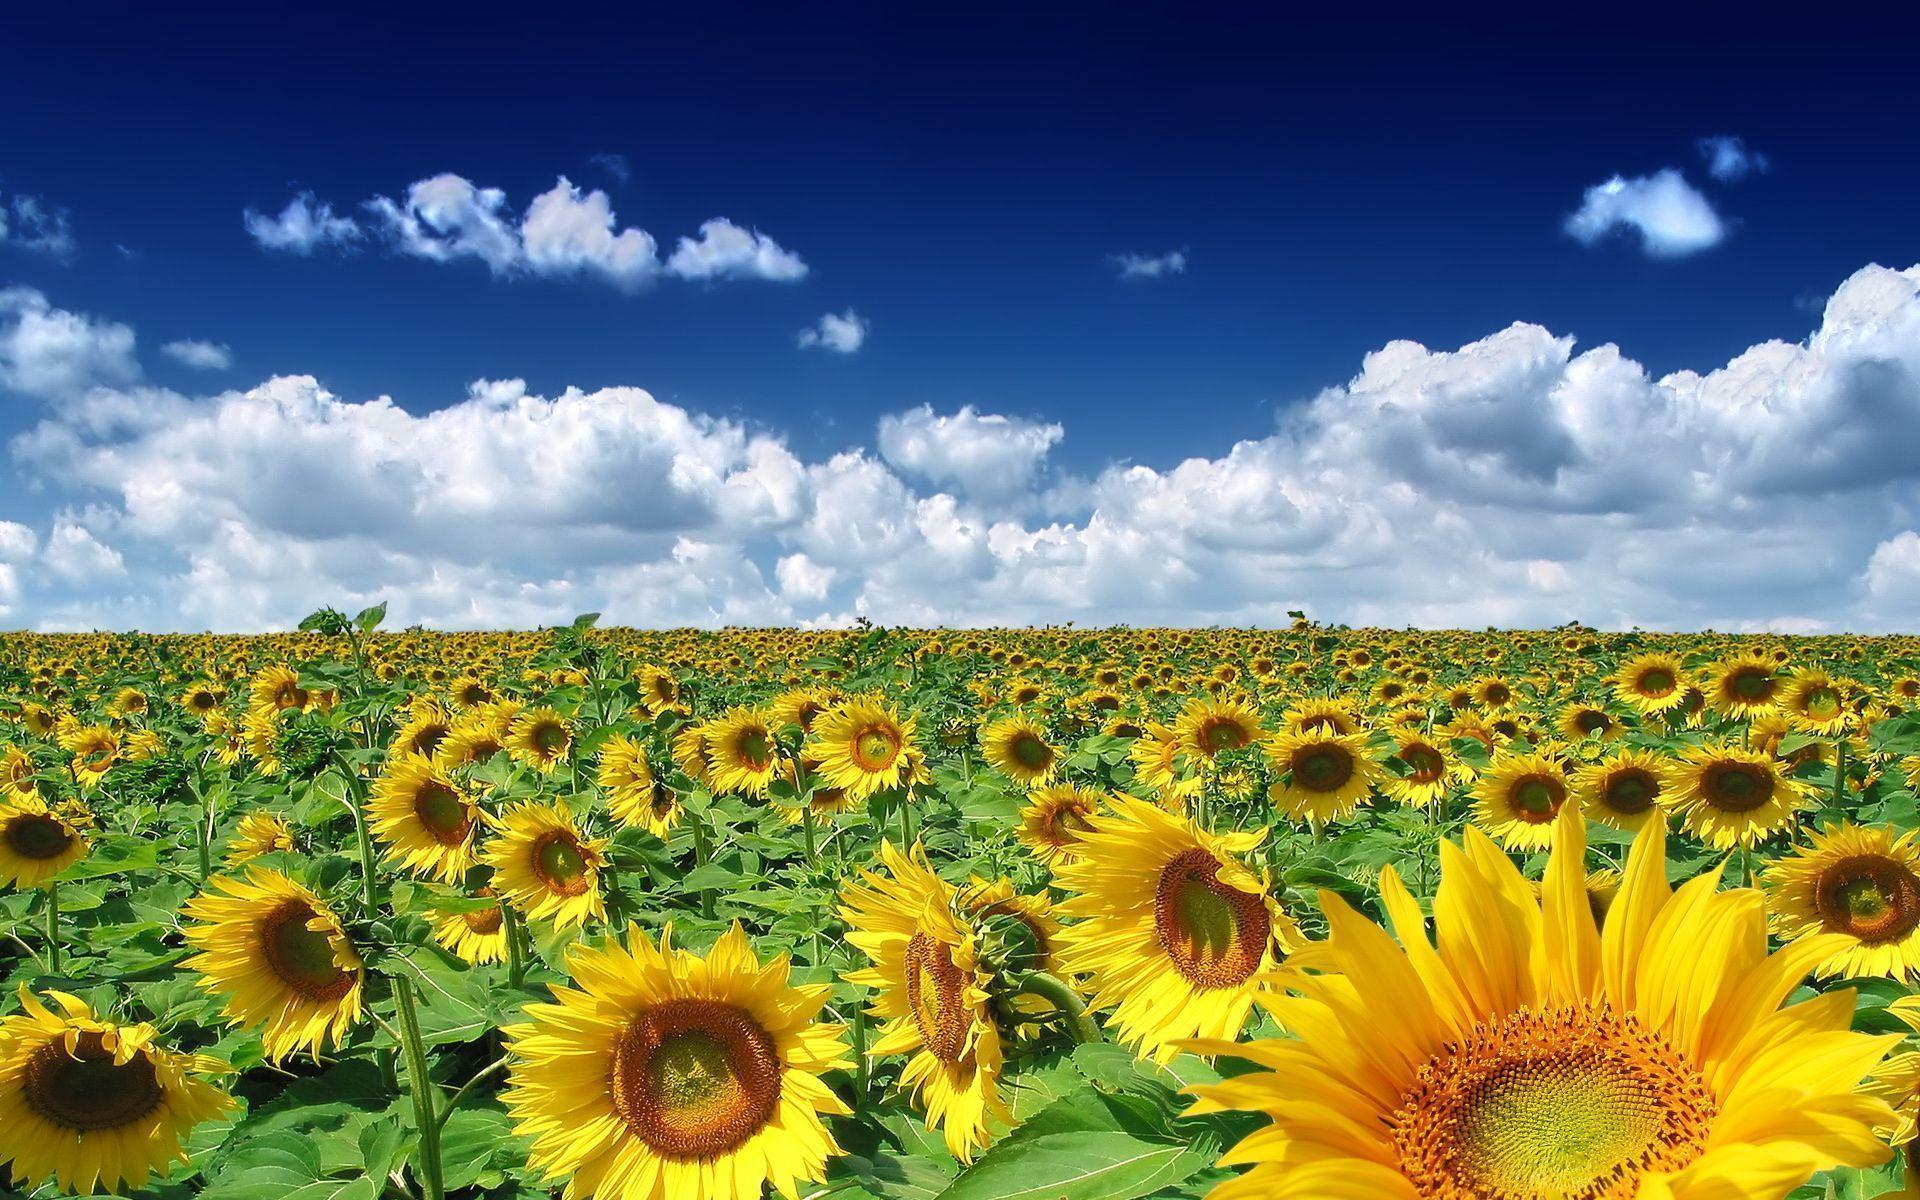 Sunflower Wallpaper For Iphone 12580 Full HD Desktop